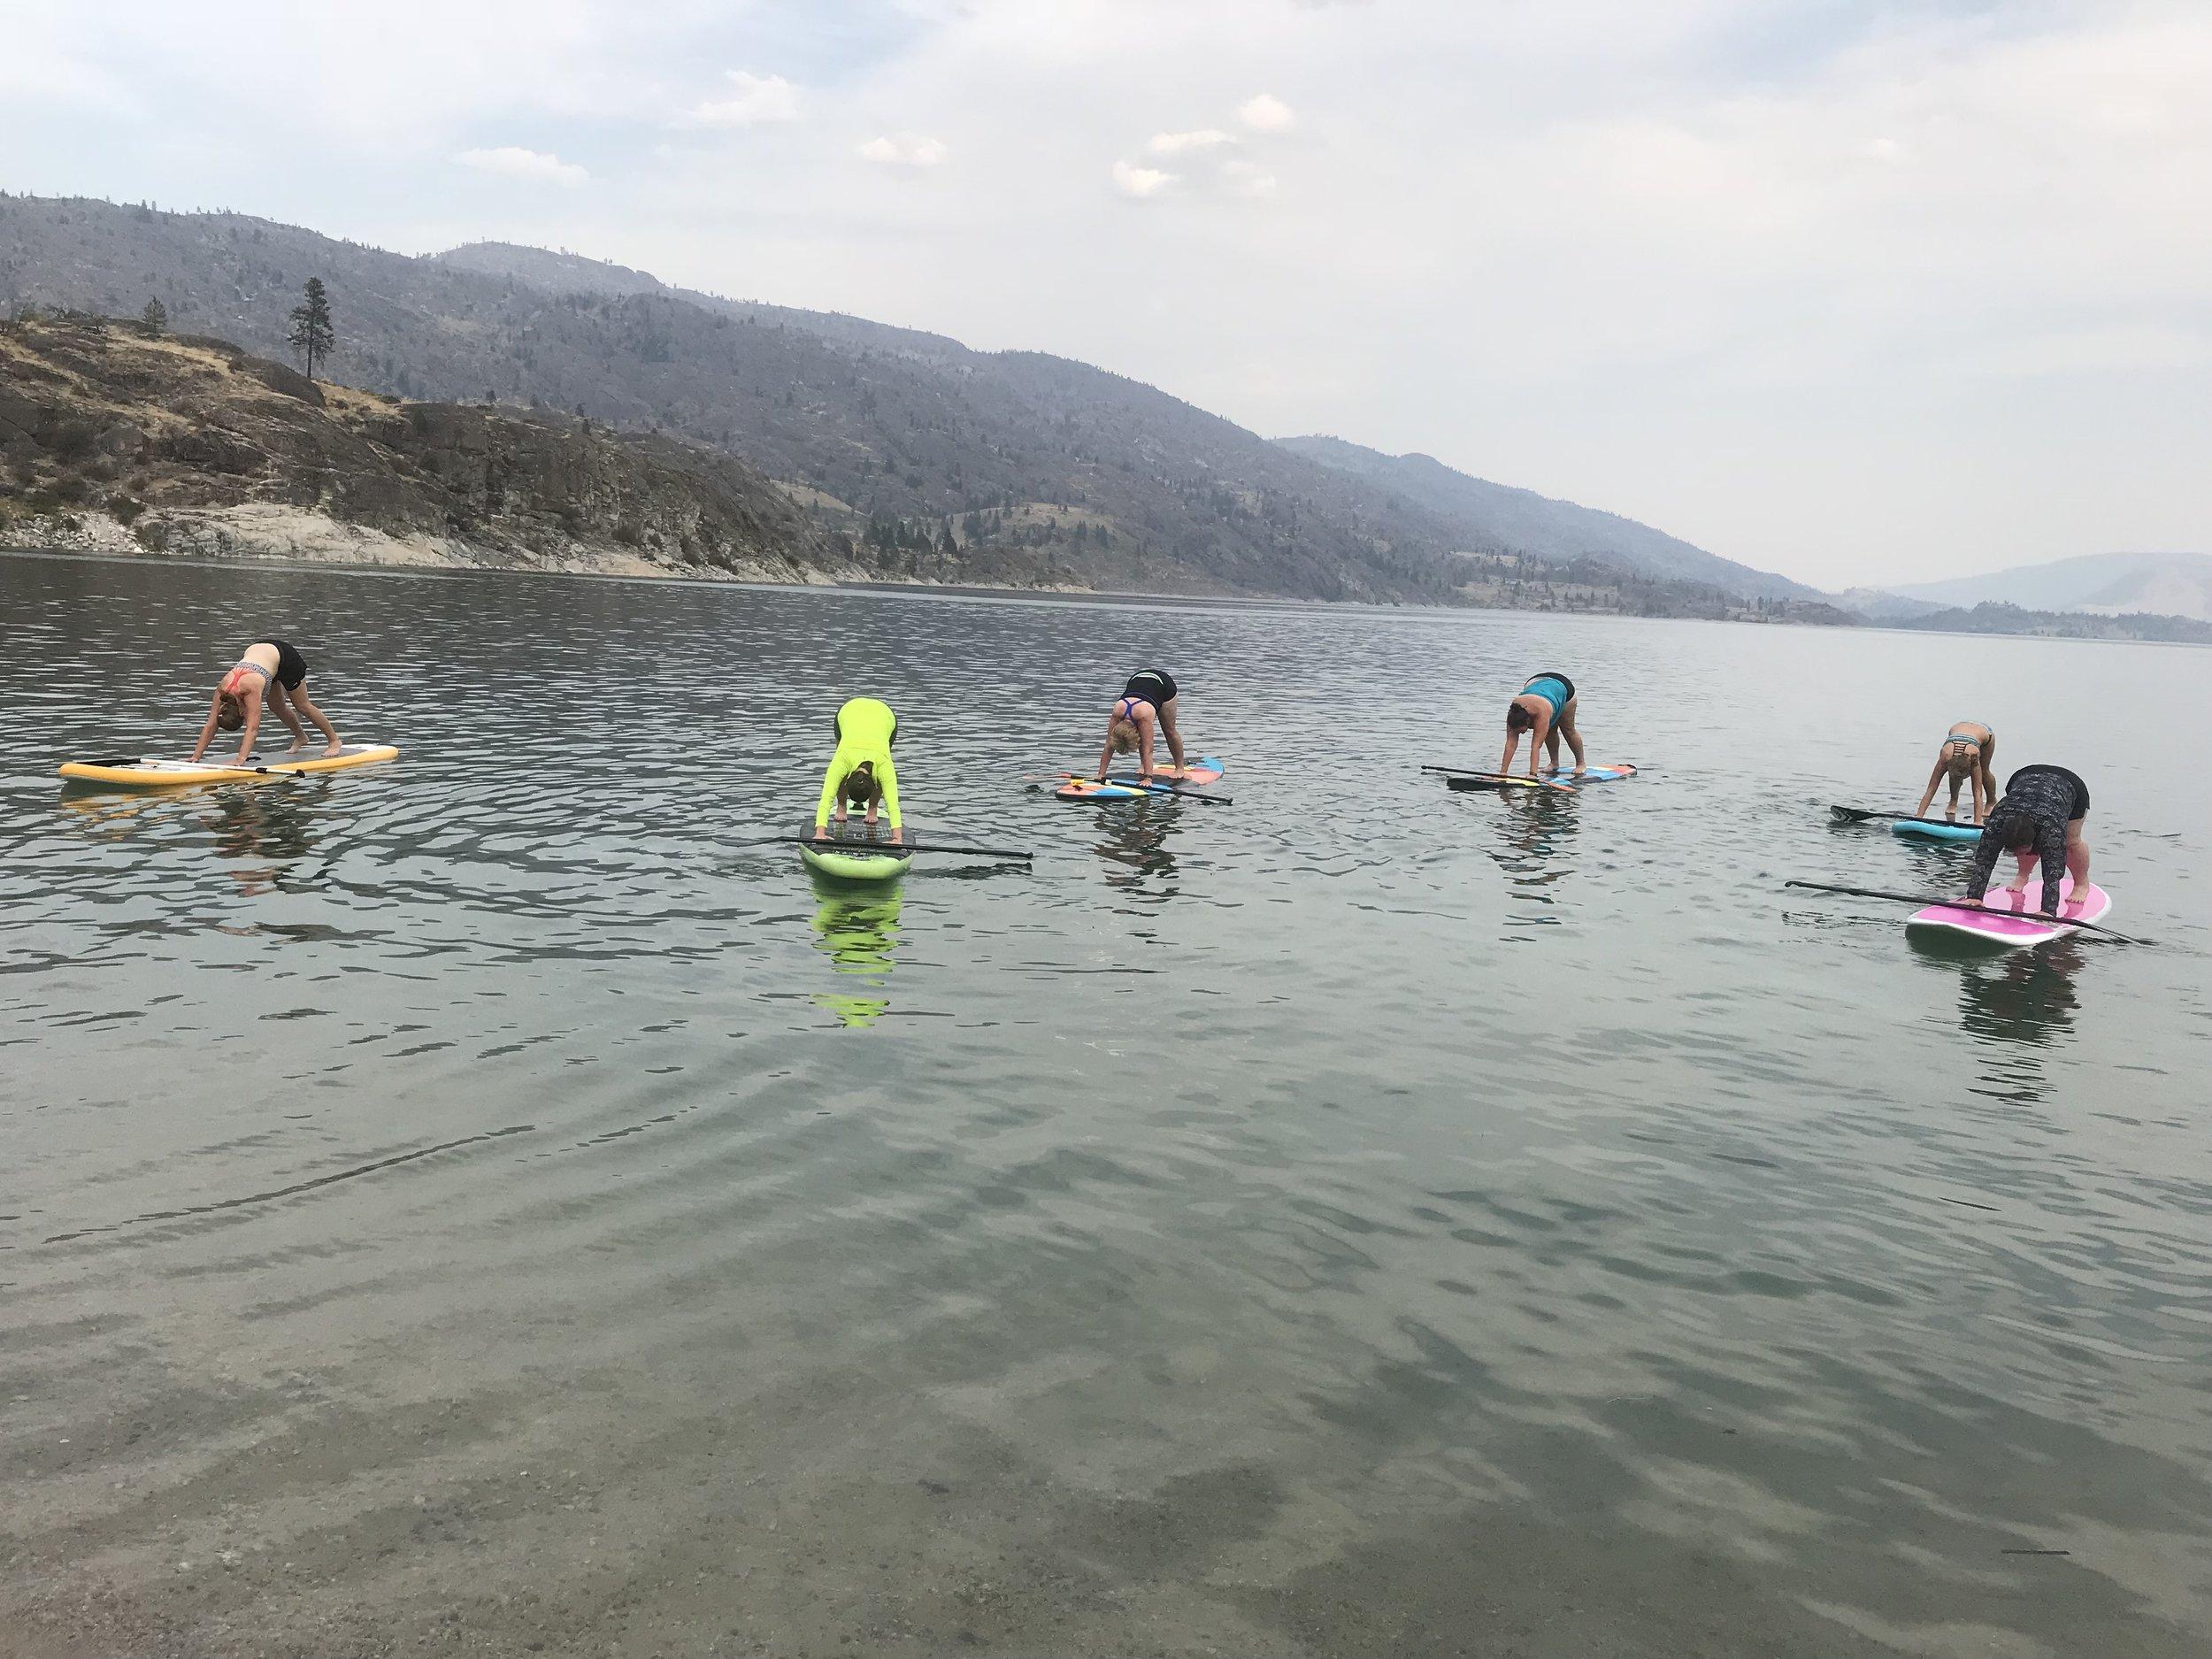 SUP Yoga at Omak Lake